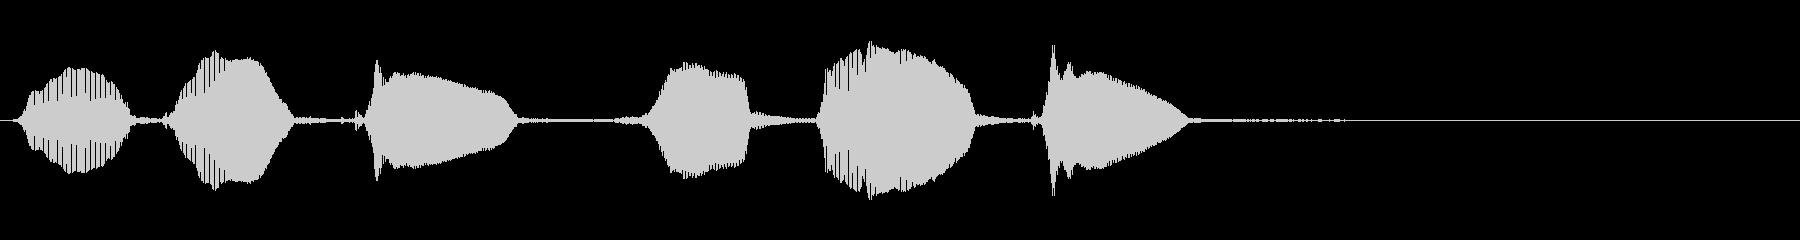 ハーモニカ:トーキングアクセント、...の未再生の波形